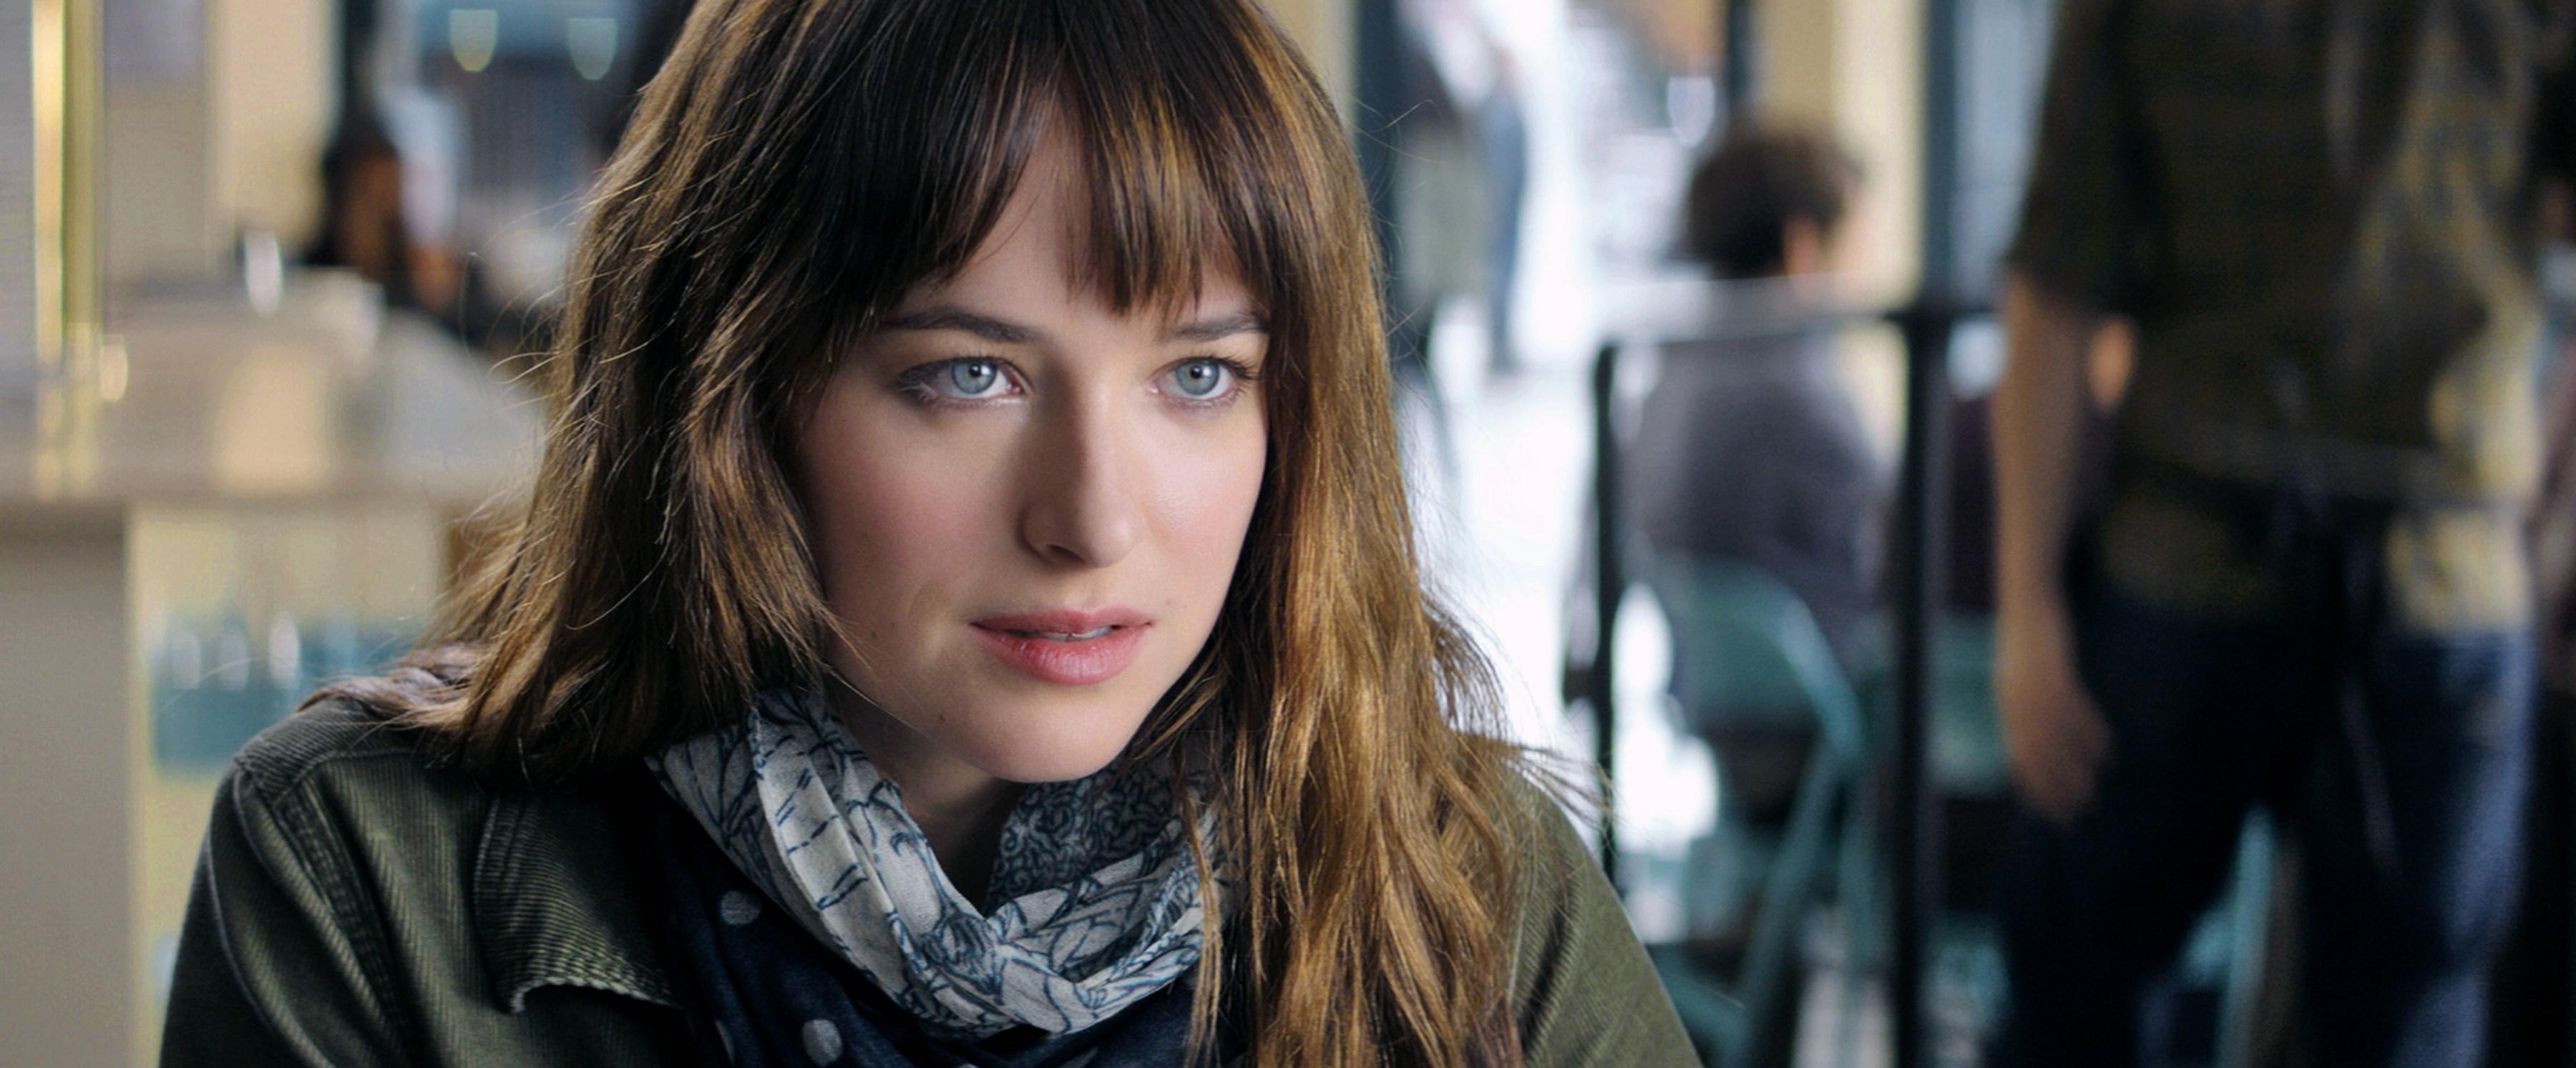 Fifty-Shades-of-Grey-Dakota-Johnson-as-Anastasia